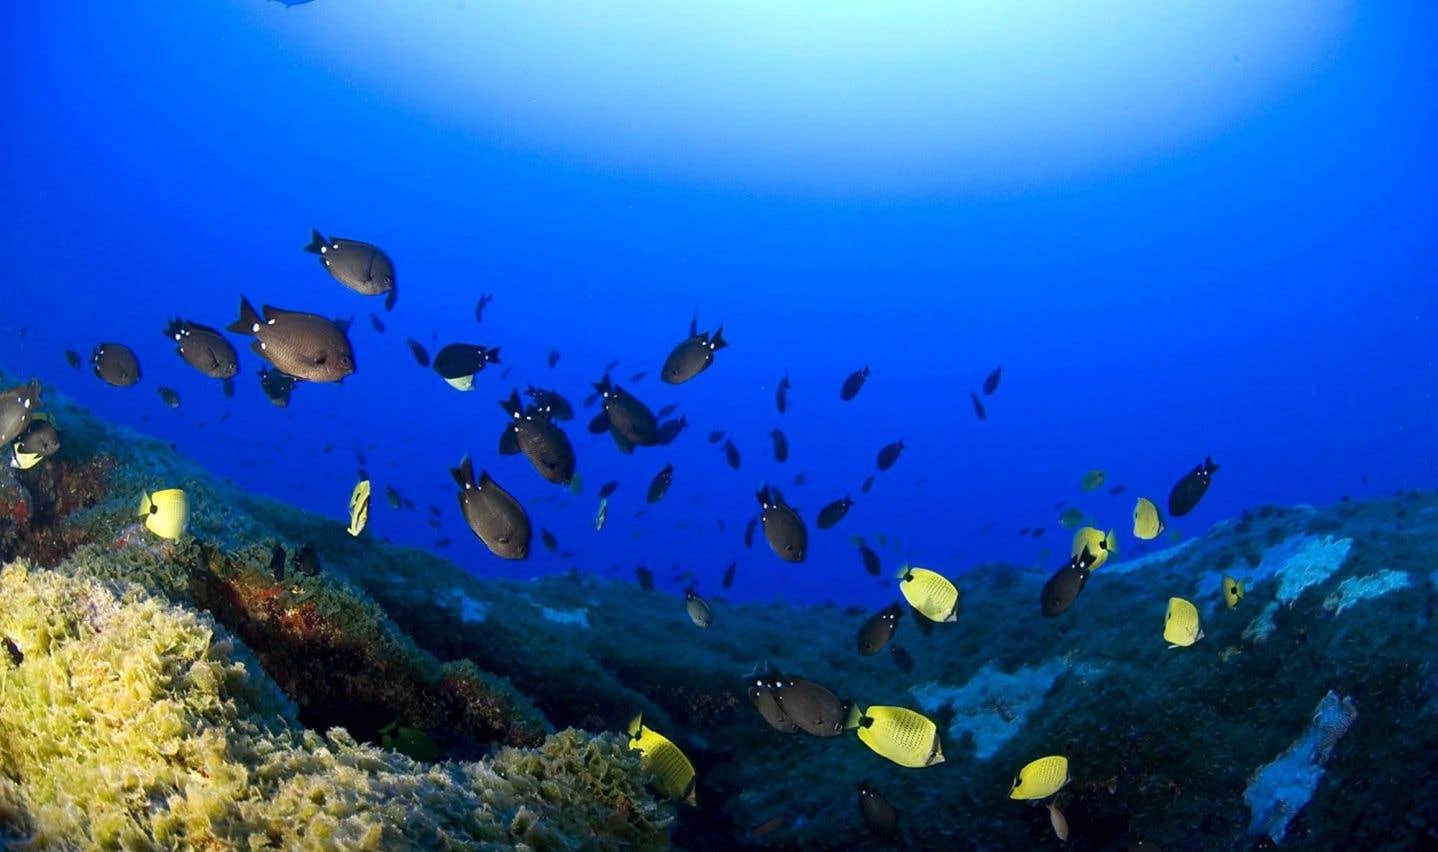 Les océans malades du réchauffement